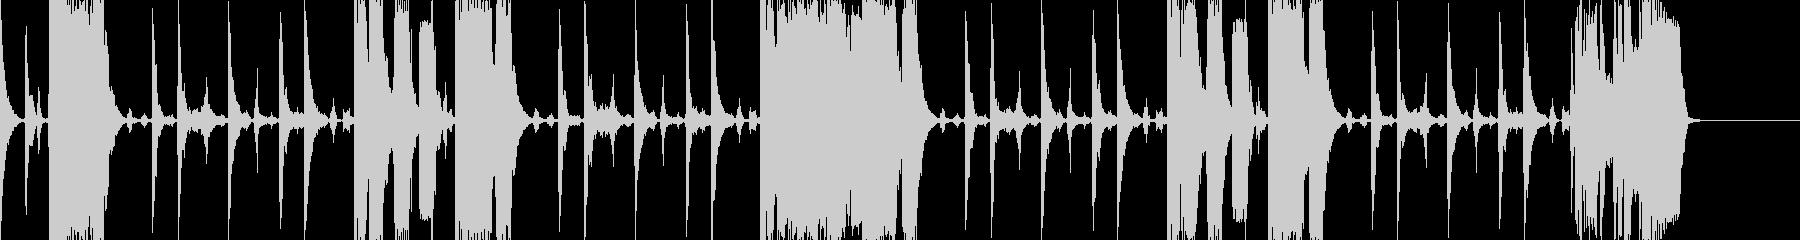 ファンク系のBGM(ちょっと激しめ)の未再生の波形